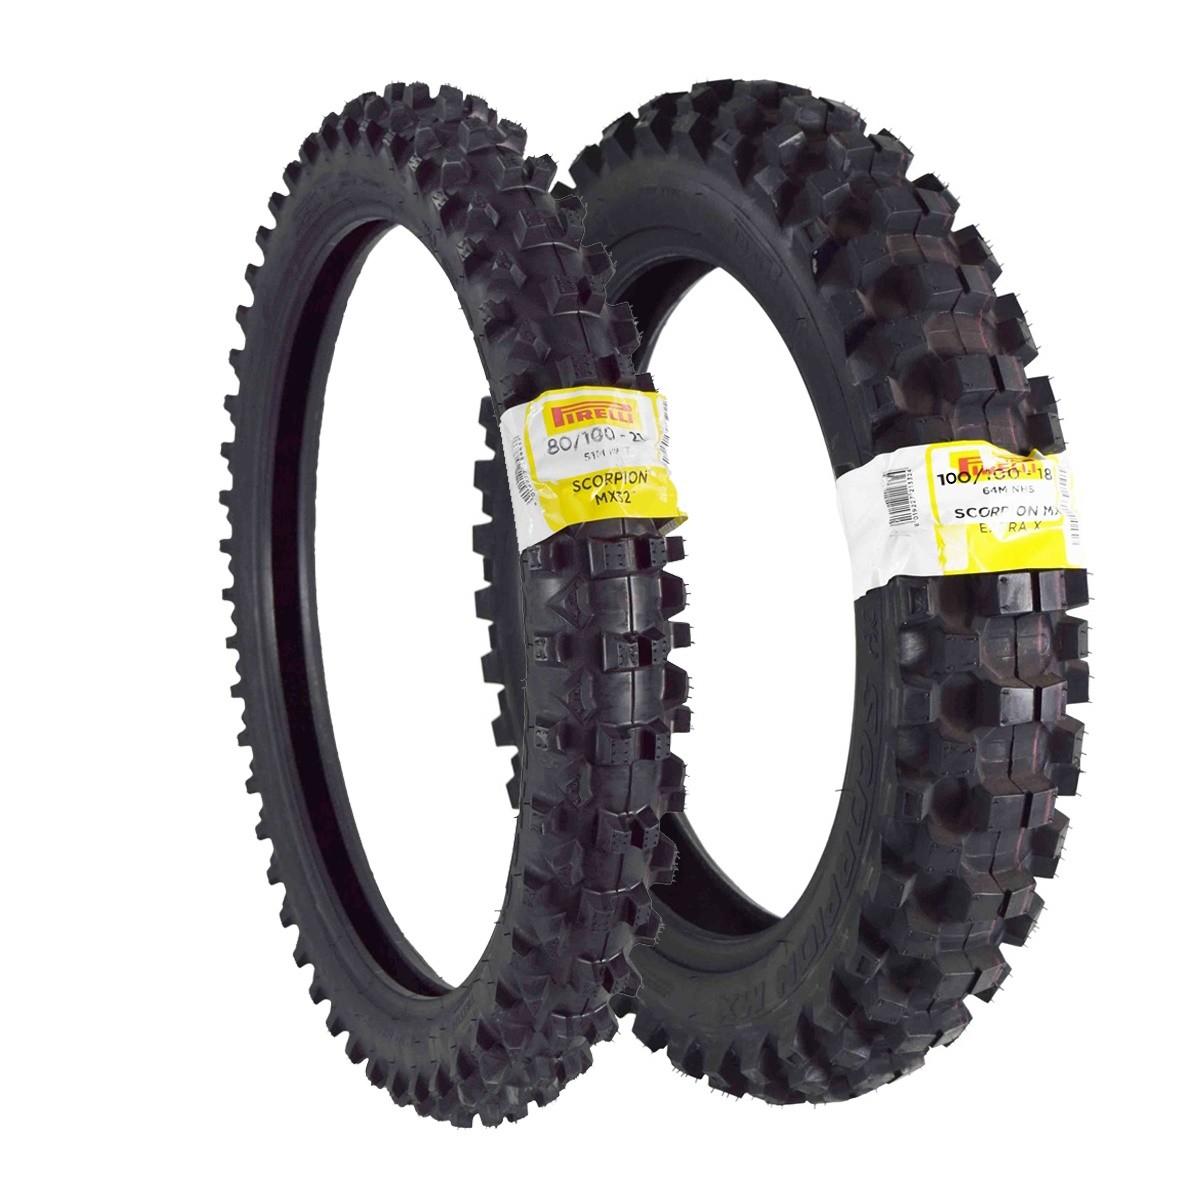 Par Pneu Pirelli Scorpion Mx 80/100-21 Dianteiro 100/100-18 Traseiro